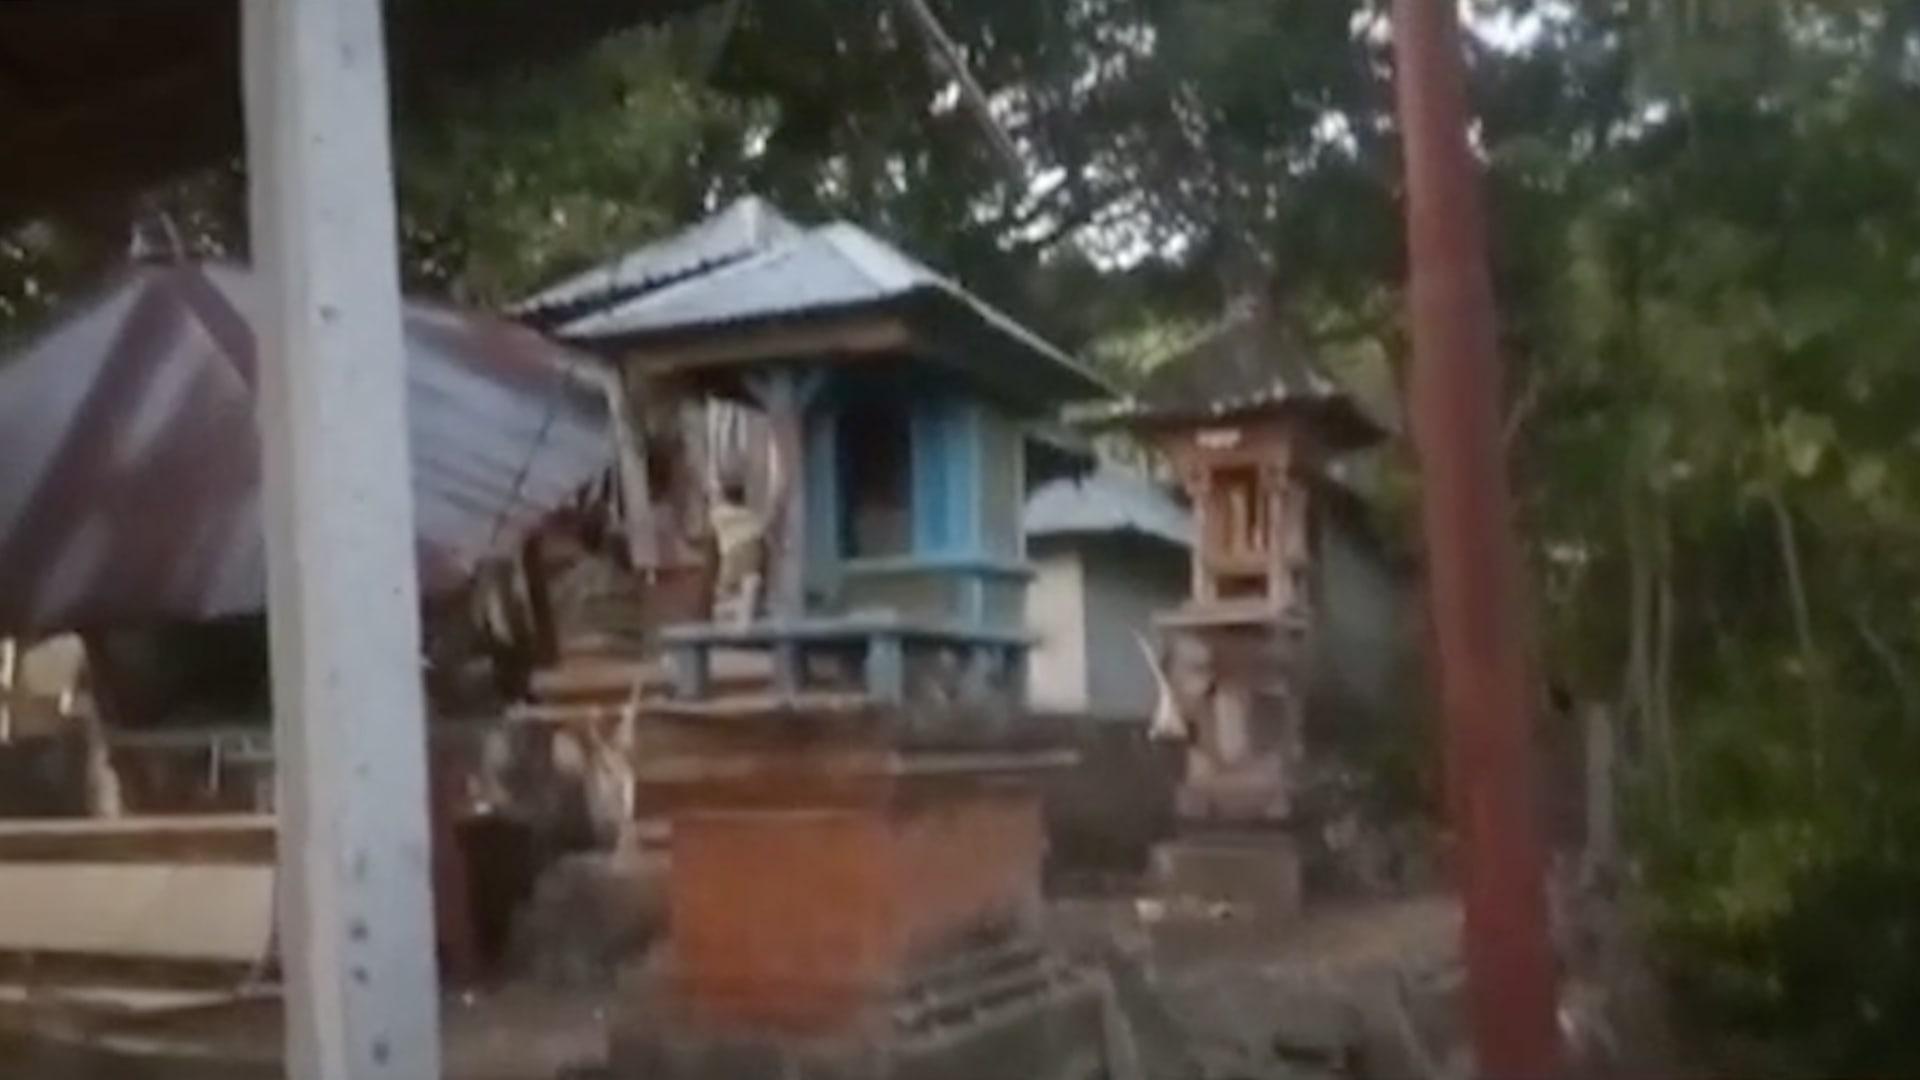 شاهد اللحظات الأولى لوقوع زلزال في جزيرة بالي الإندونيسية